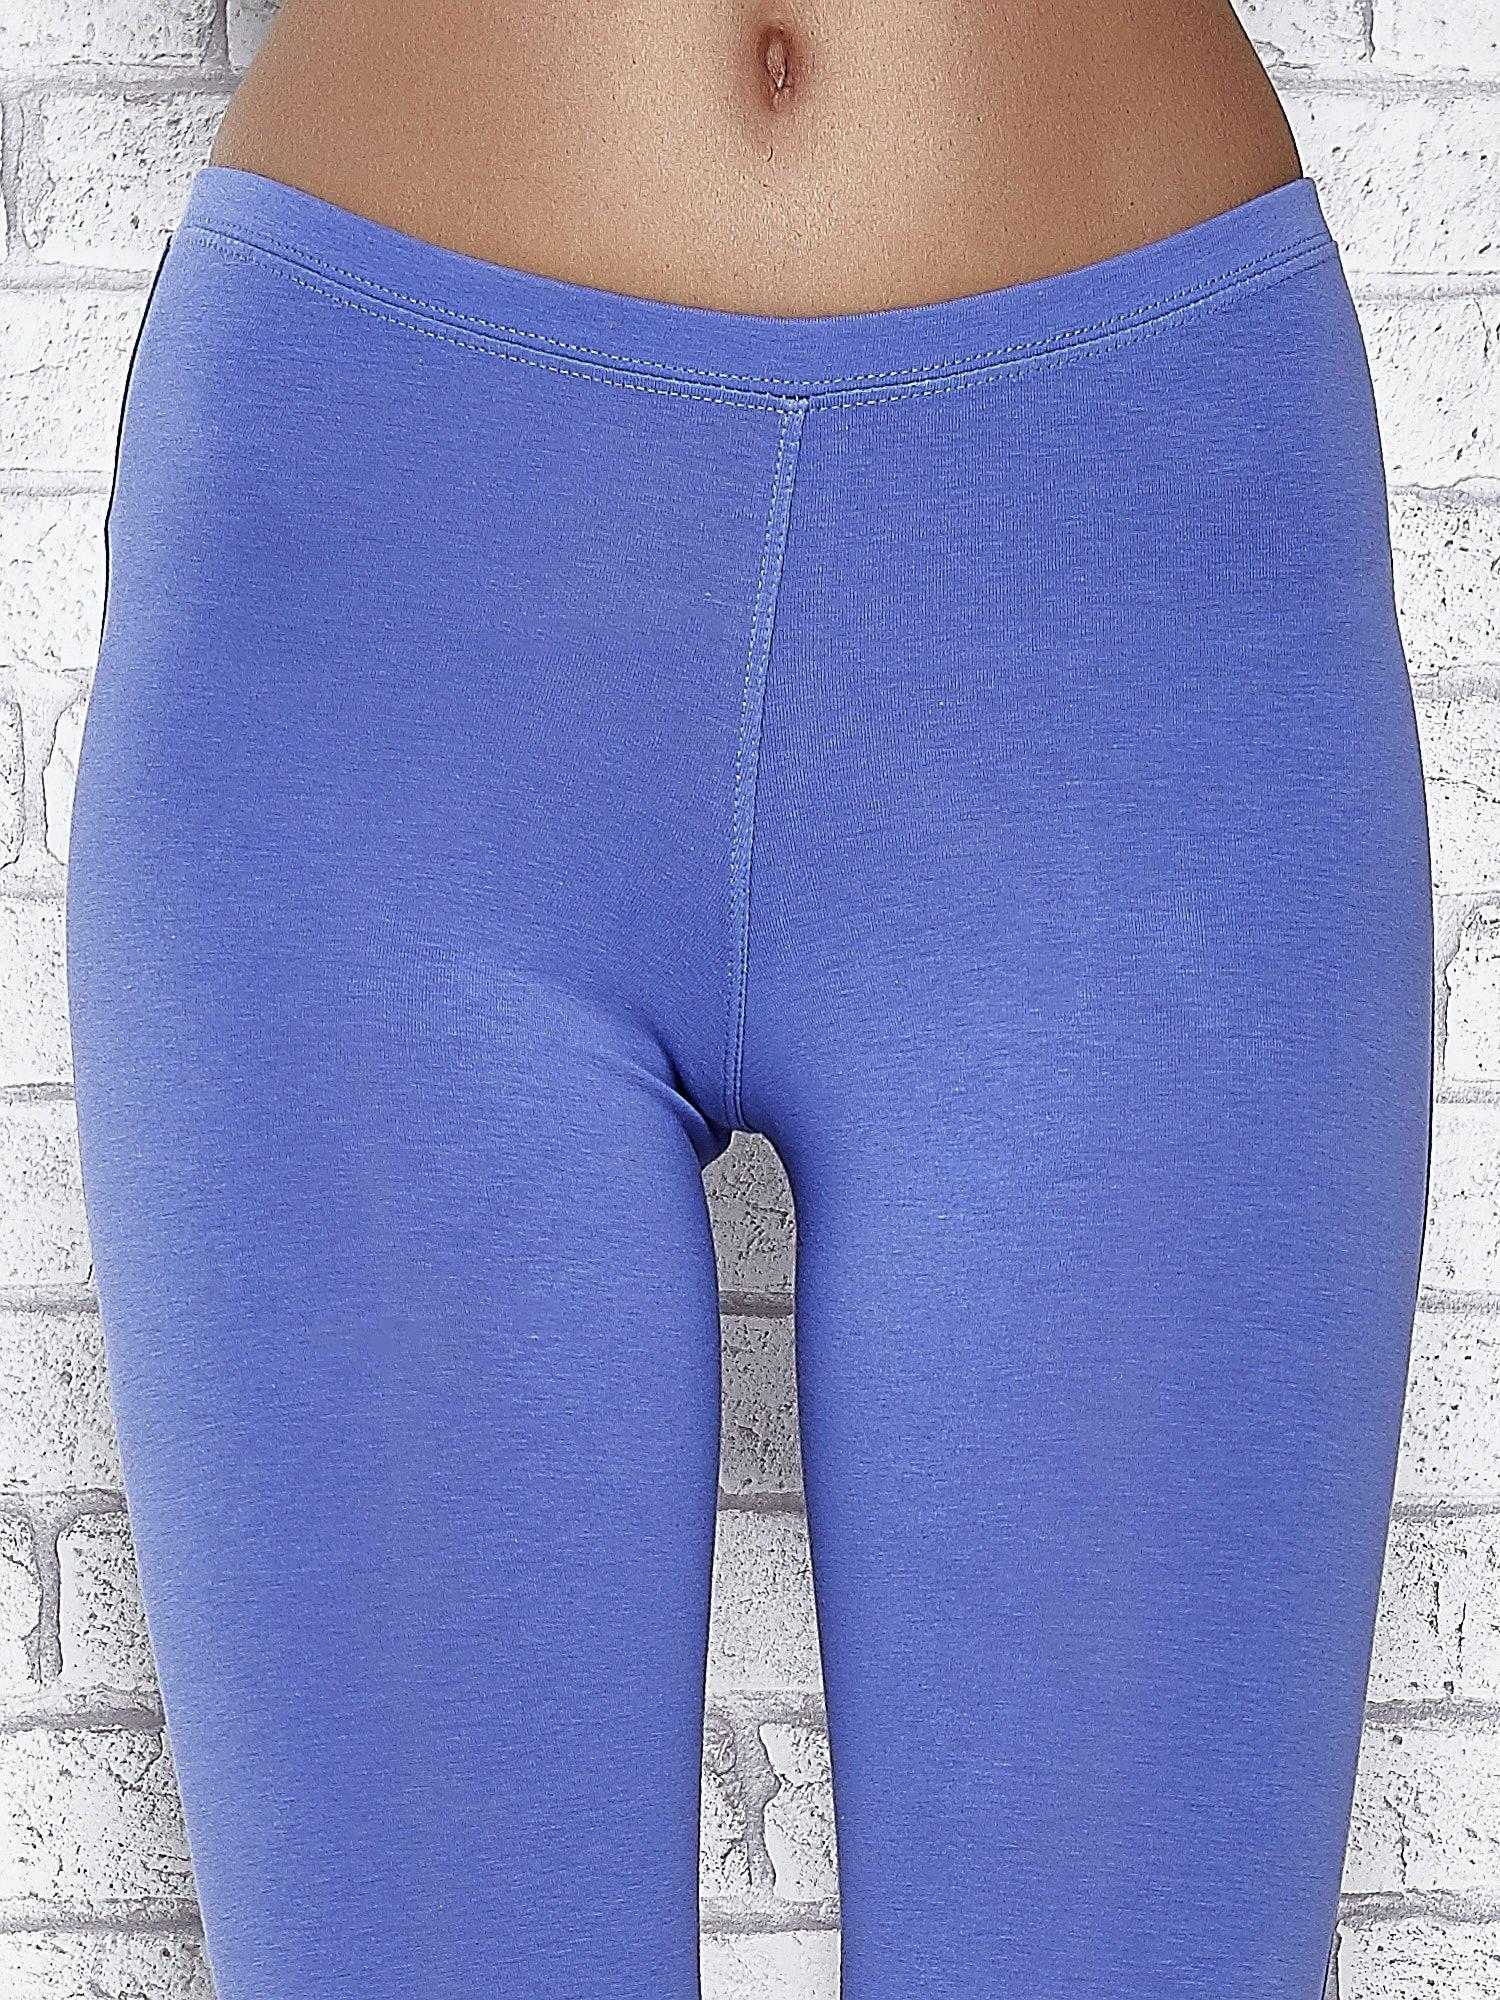 Niebieskie legginsy sportowe z dżetami i marszczoną nogawką za kolano                                  zdj.                                  4